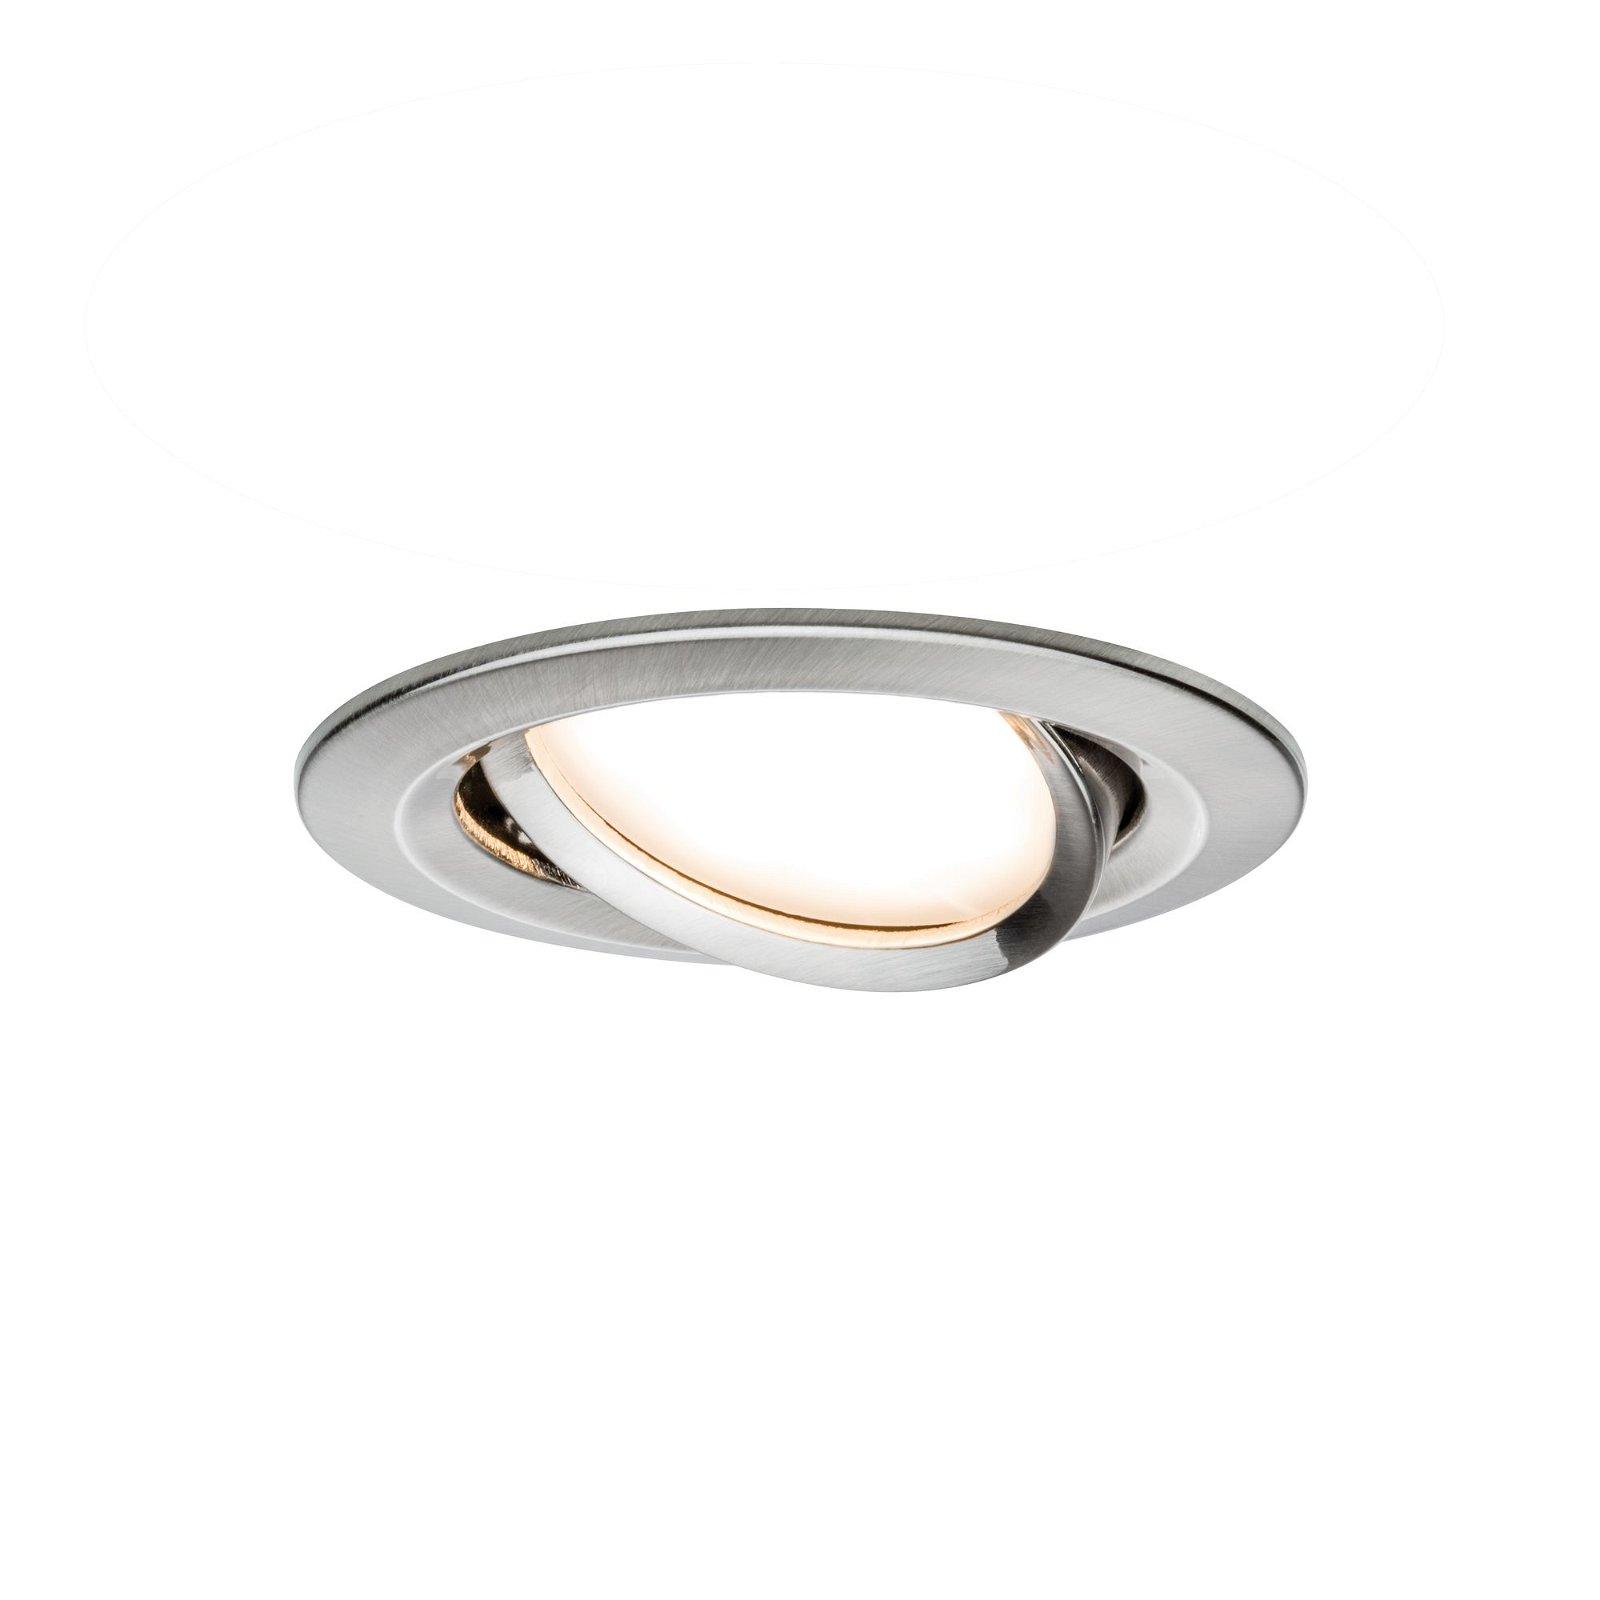 LED-inbouwlamp Nova Coin Basisset zwenkbaar rond 84mm 50° Coin 3x6W 3x470lm 230V 2700K Staal geborsteld